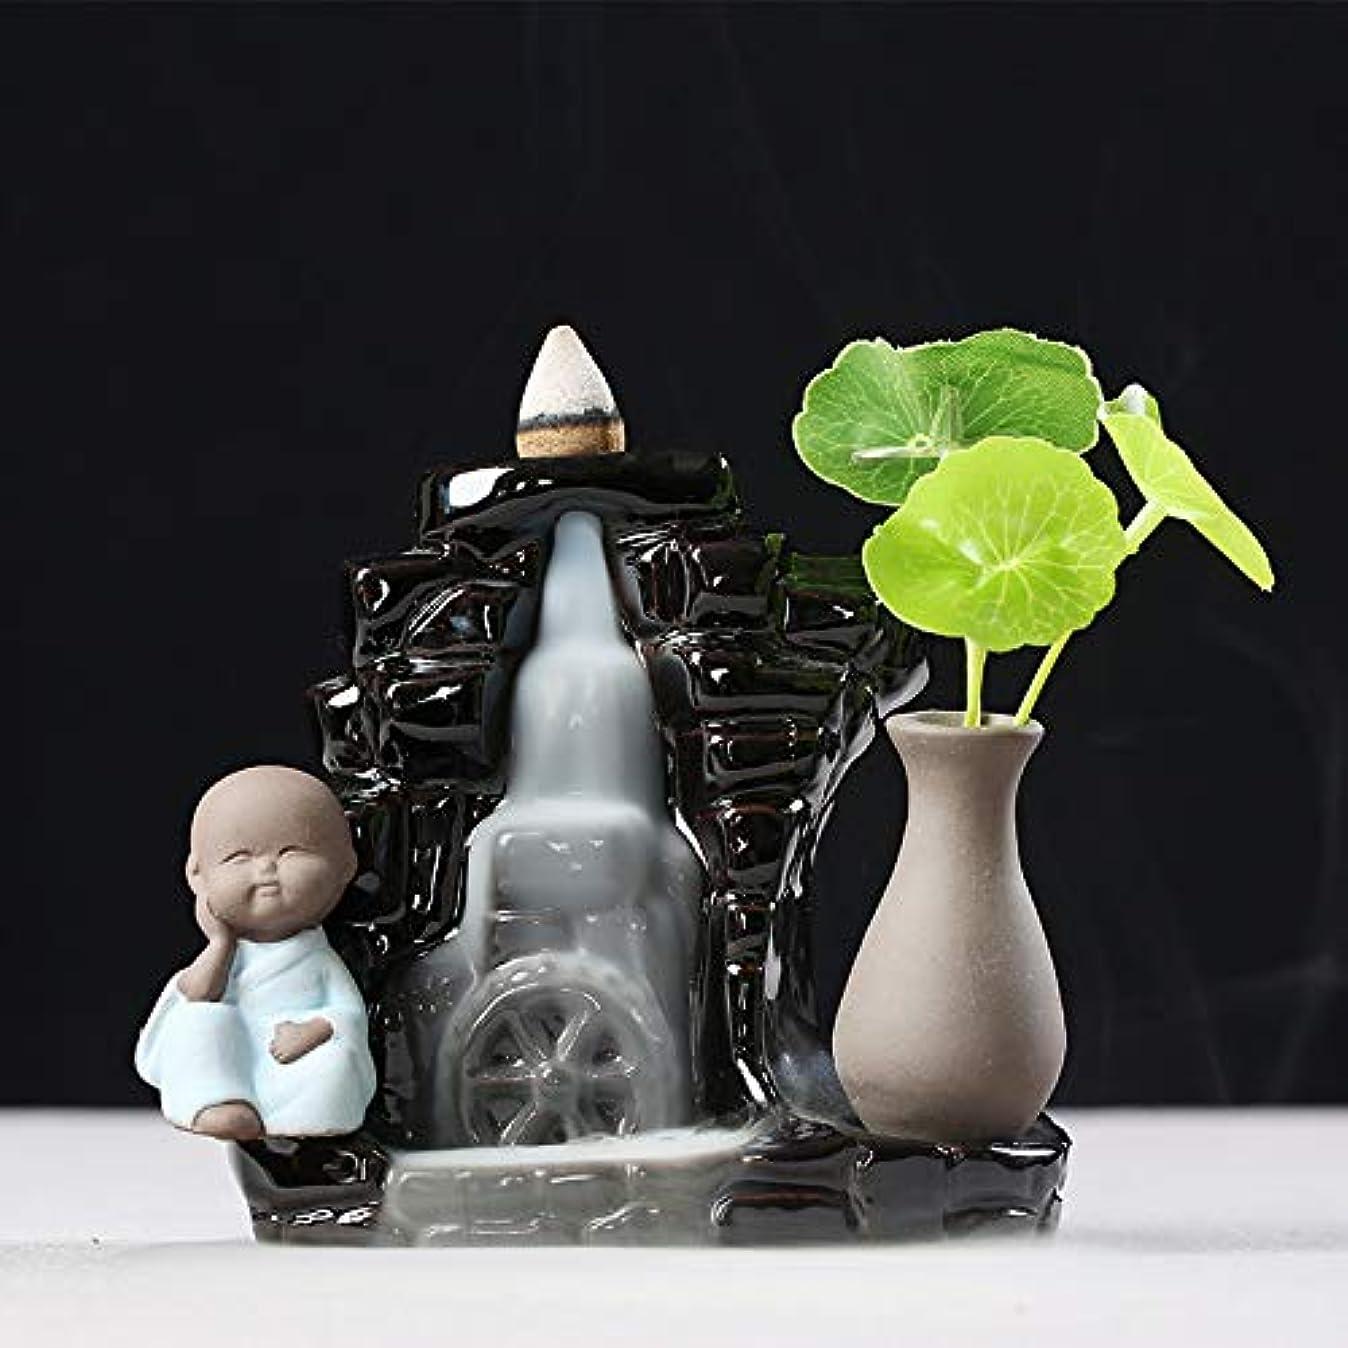 ミケランジェロ入場知らせるオフィスの家の装飾10.5 * 12cmのためのバーナーの陶磁器の手流のアロマセラピーバーナー